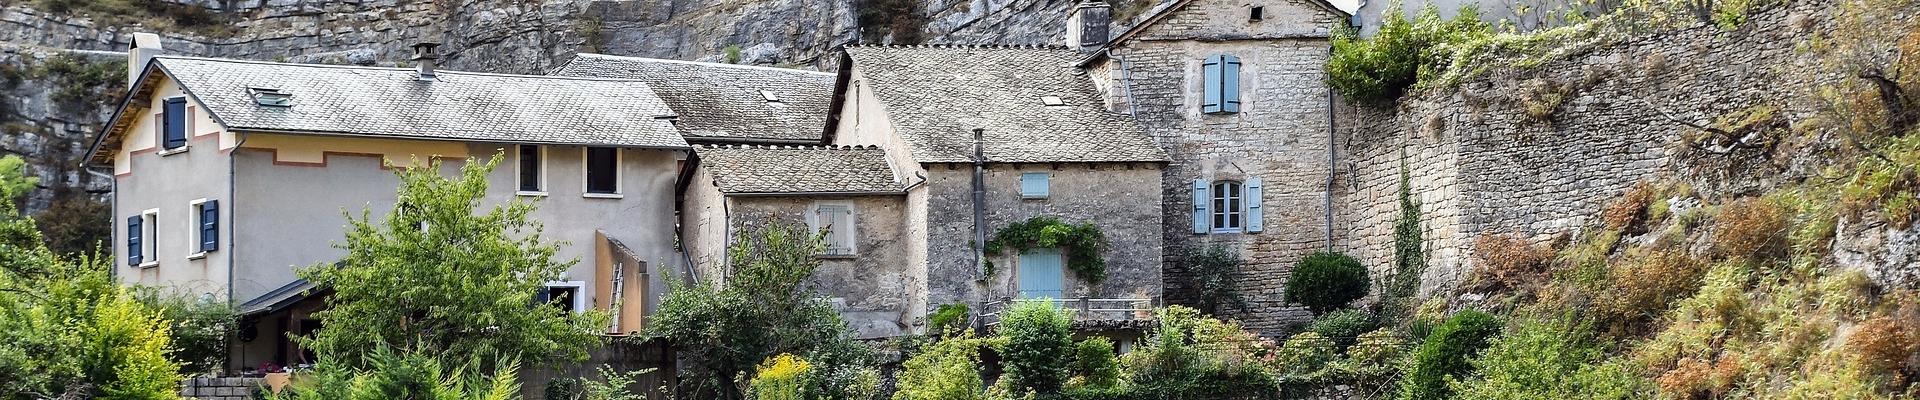 gemeinschaftlich Wohnen in Frankreich